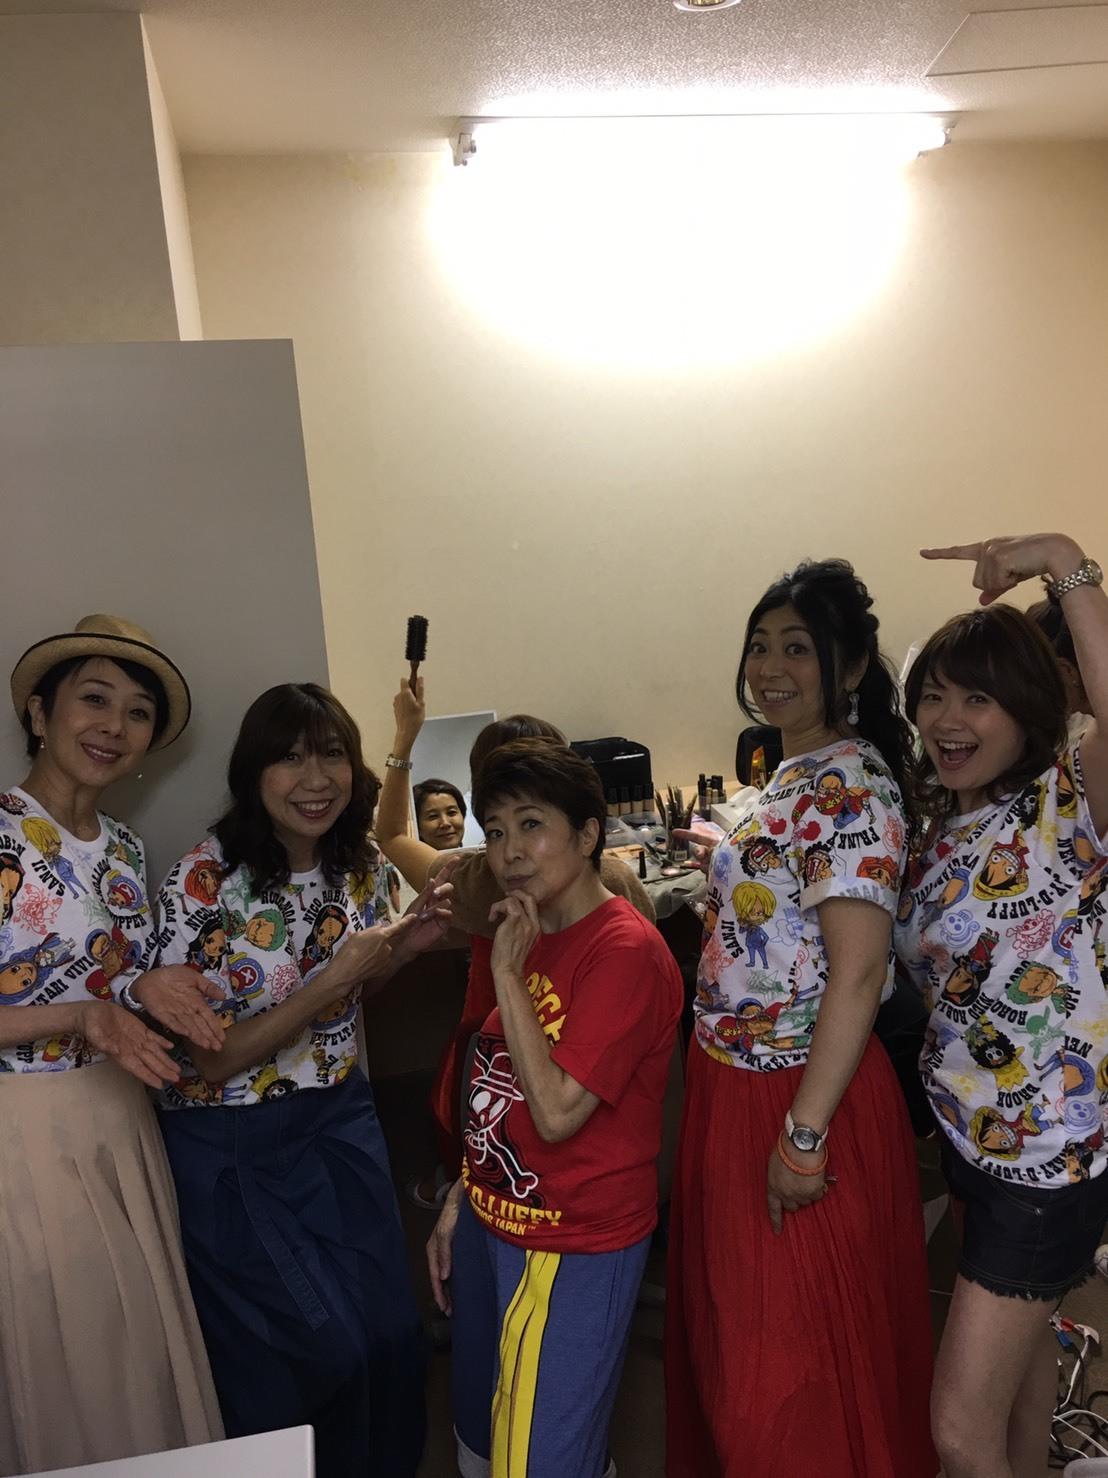 ワンピースプレミアショー 女子会_a0163623_11131460.jpg